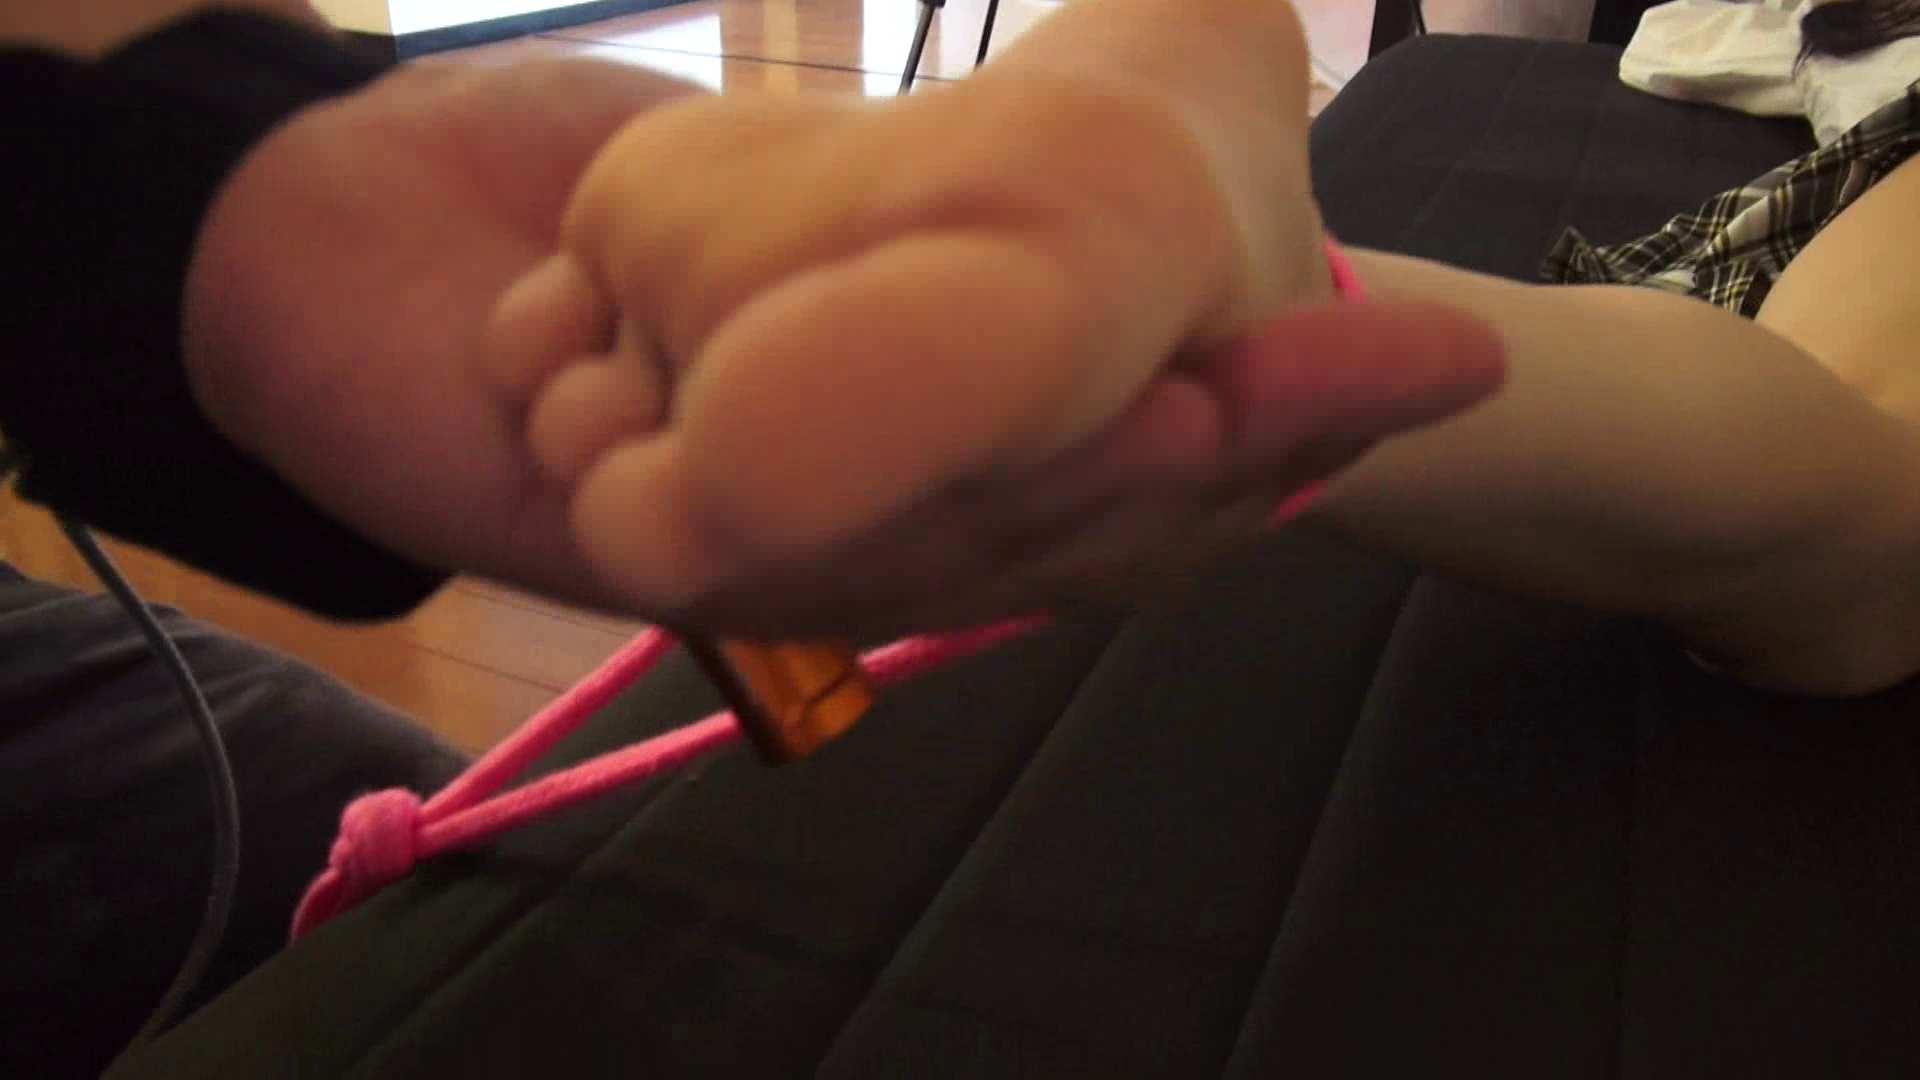 vol.4 予定に無かった行為、足舐めを遂行! OL裸体 | 顔出しNG一般女性  107画像 12